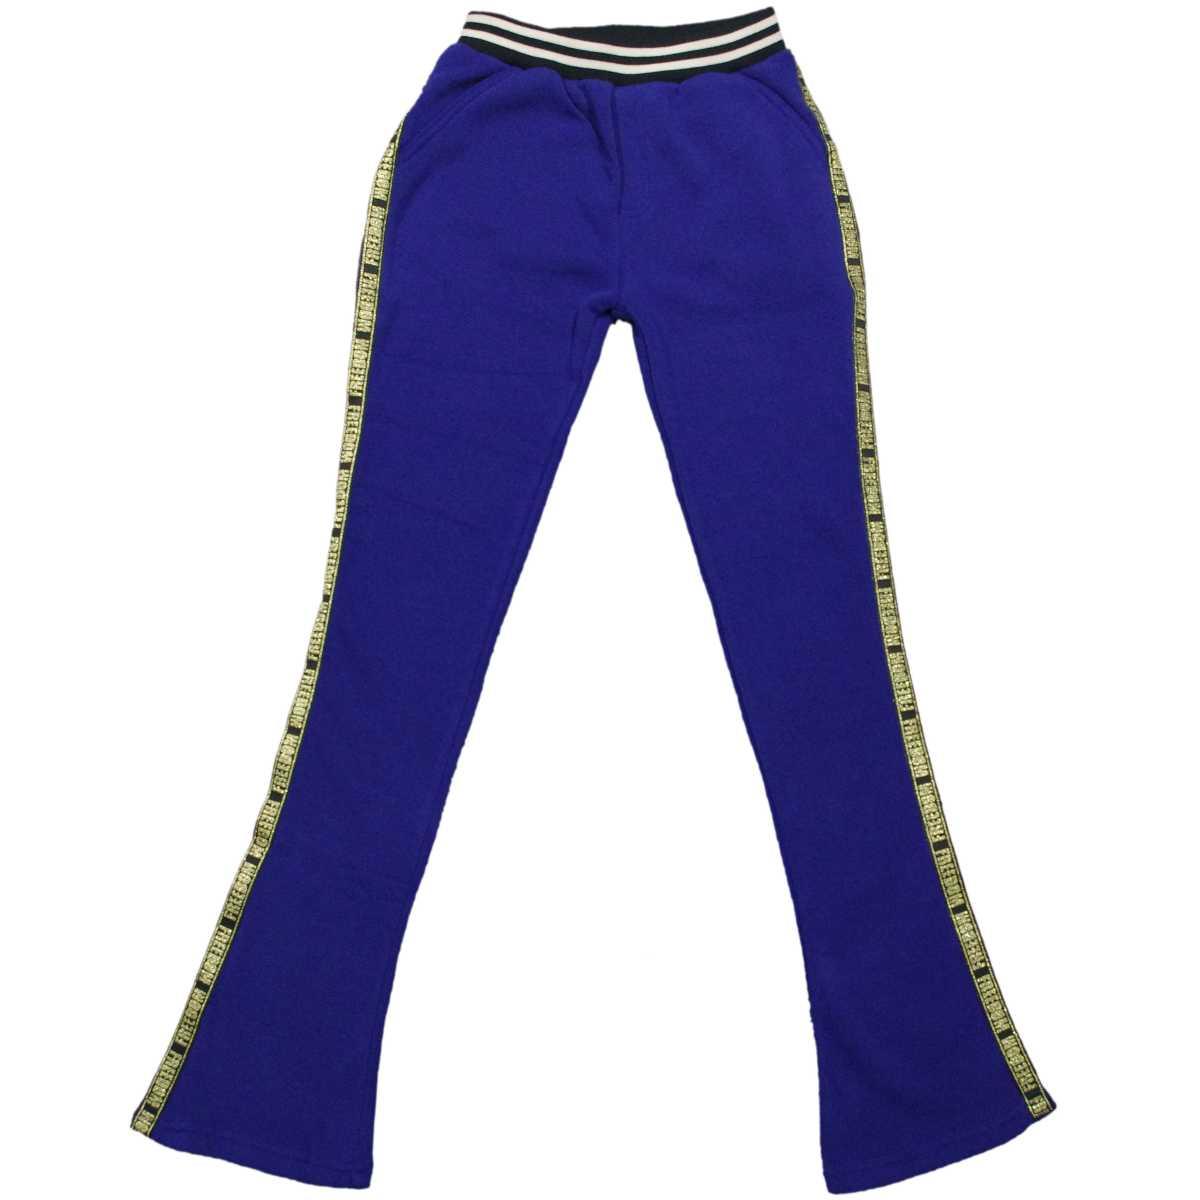 女の子 ジュニア 裏起毛素材綿ジャージパンツ (ブルー 140cm 150cm 160cm) ガールズ ジュニア ボトムス 全2色